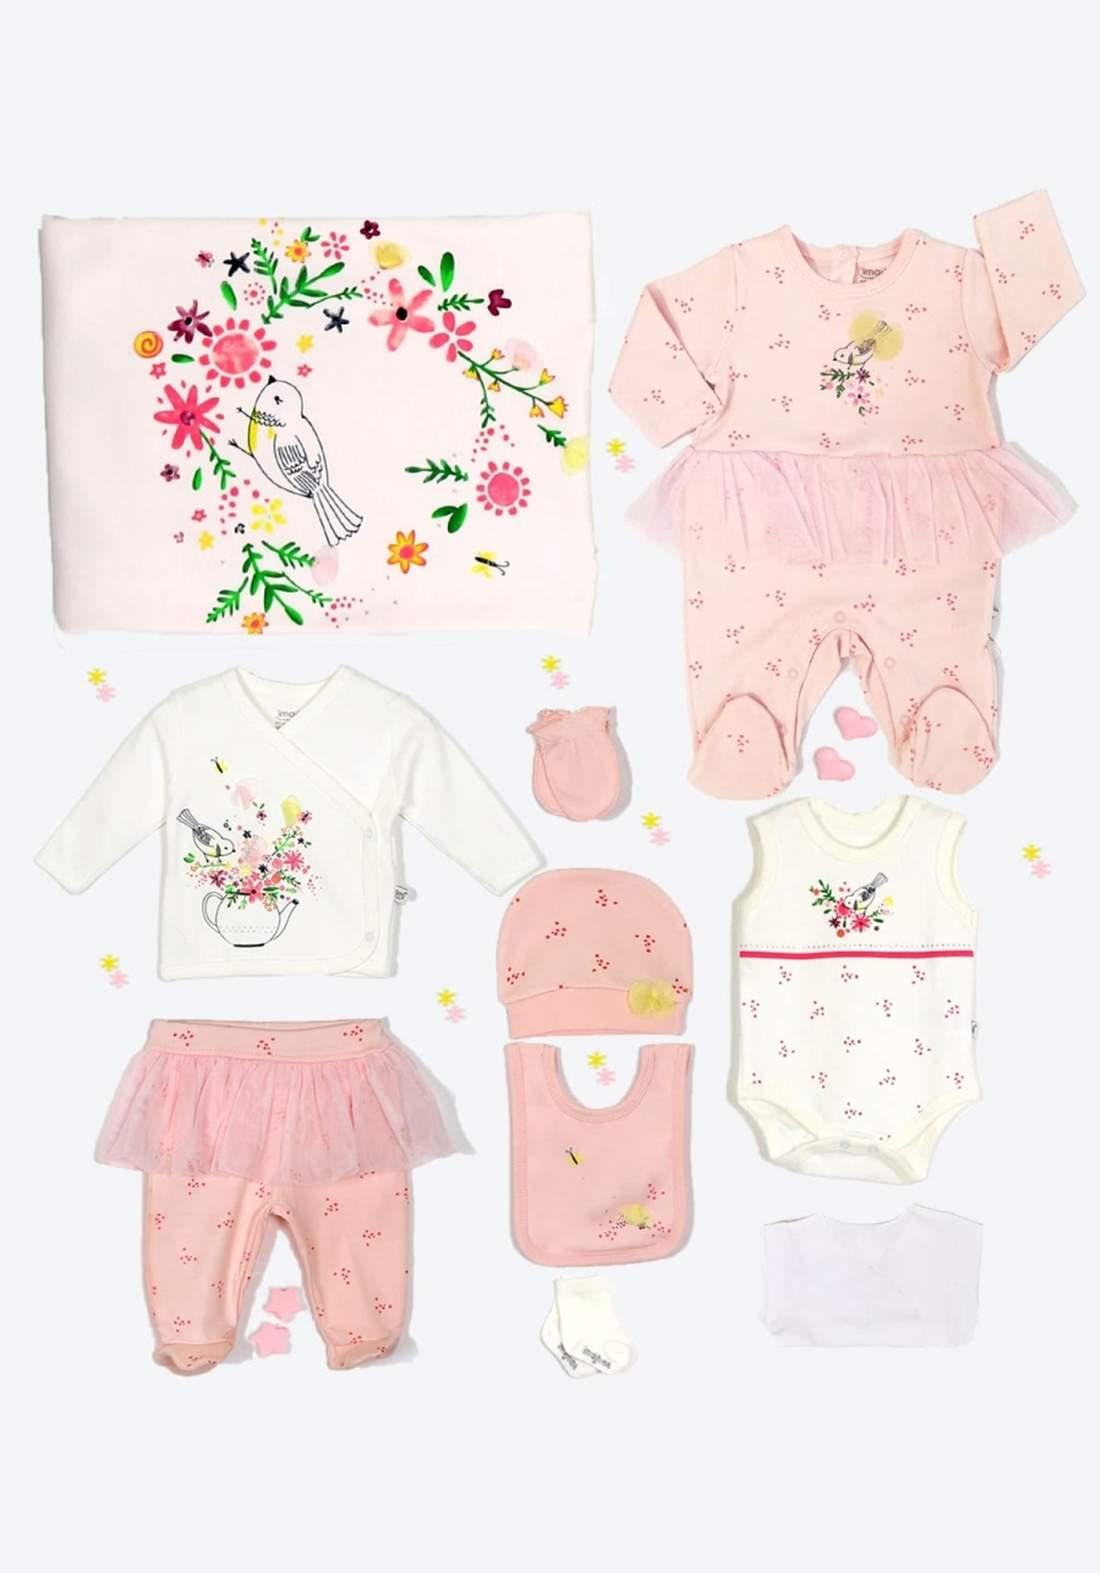 سيت بناتي للاطفال حديثي الولادة وردي اللون